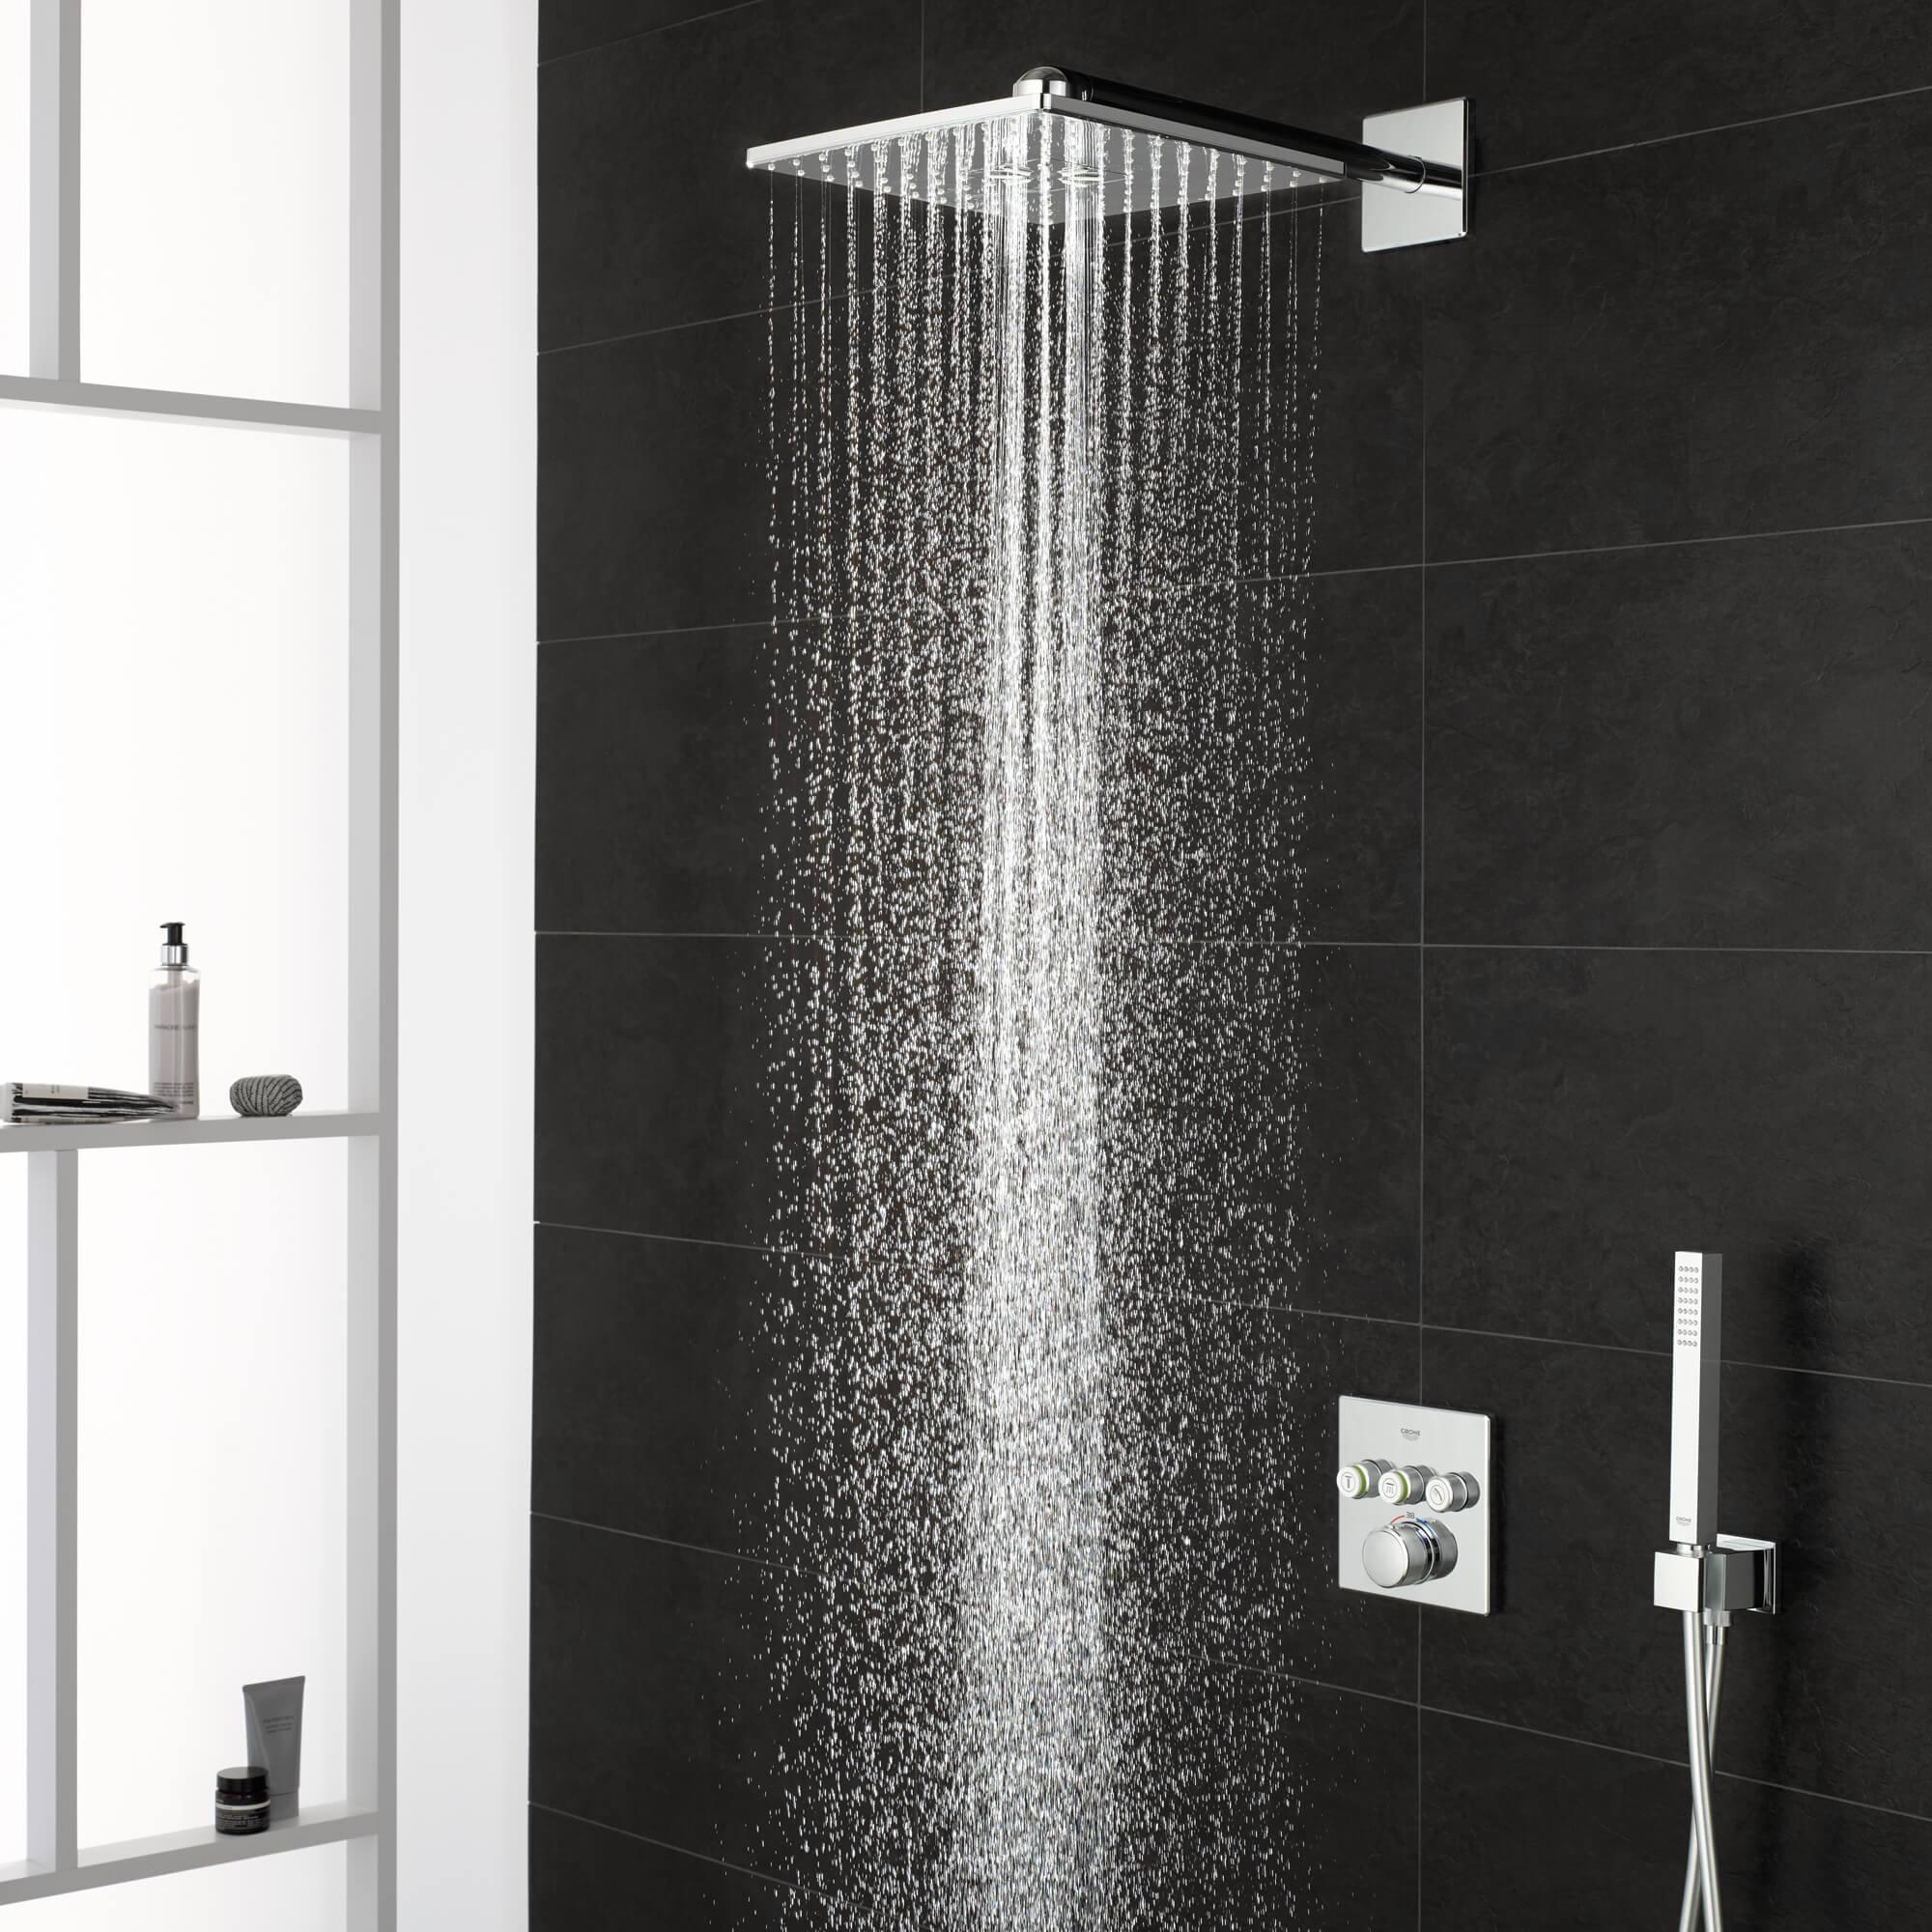 Douche cachée de Grohe avec l'eau dessus